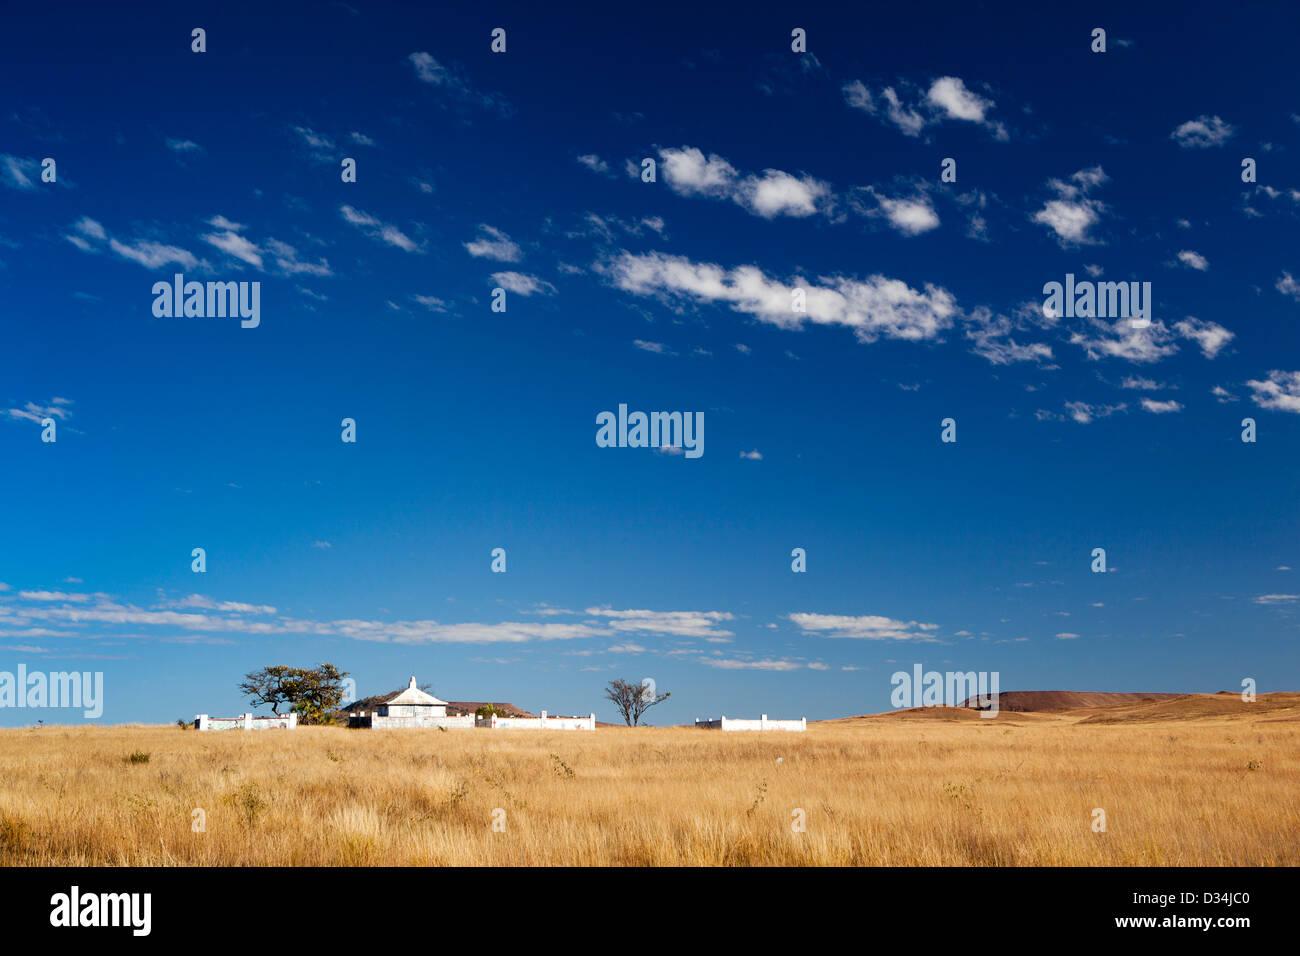 Madagascar, Ilakaka, large family tombs on horizon - Stock Image